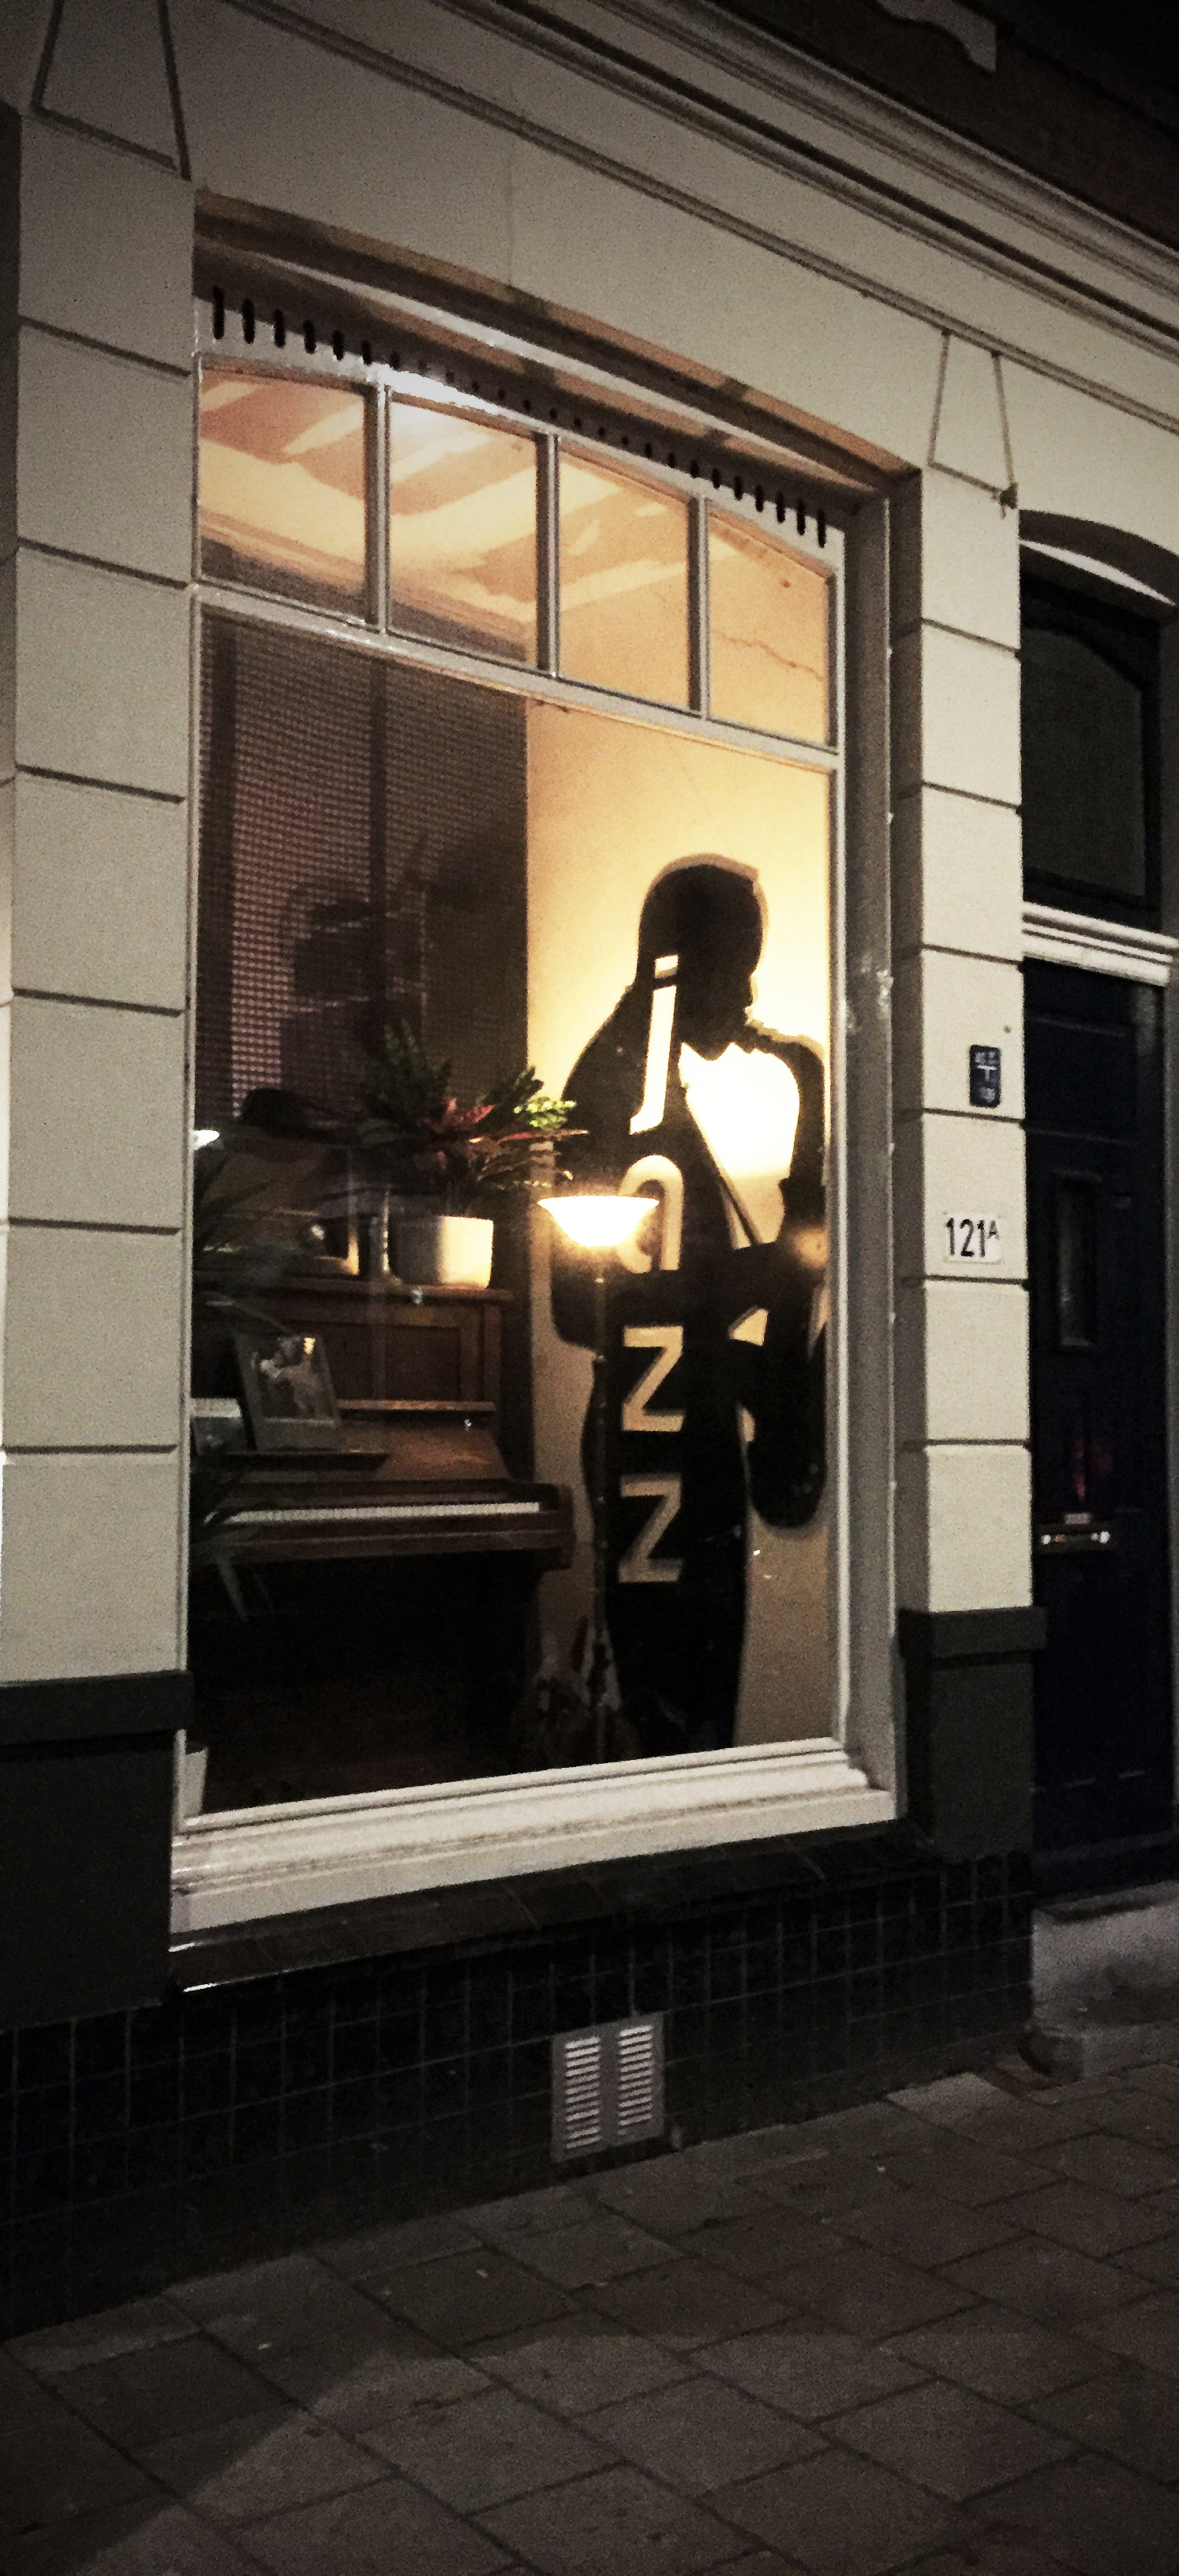 <p>Etaleren van persoonlijkheid: een jazzliefhebber</p>